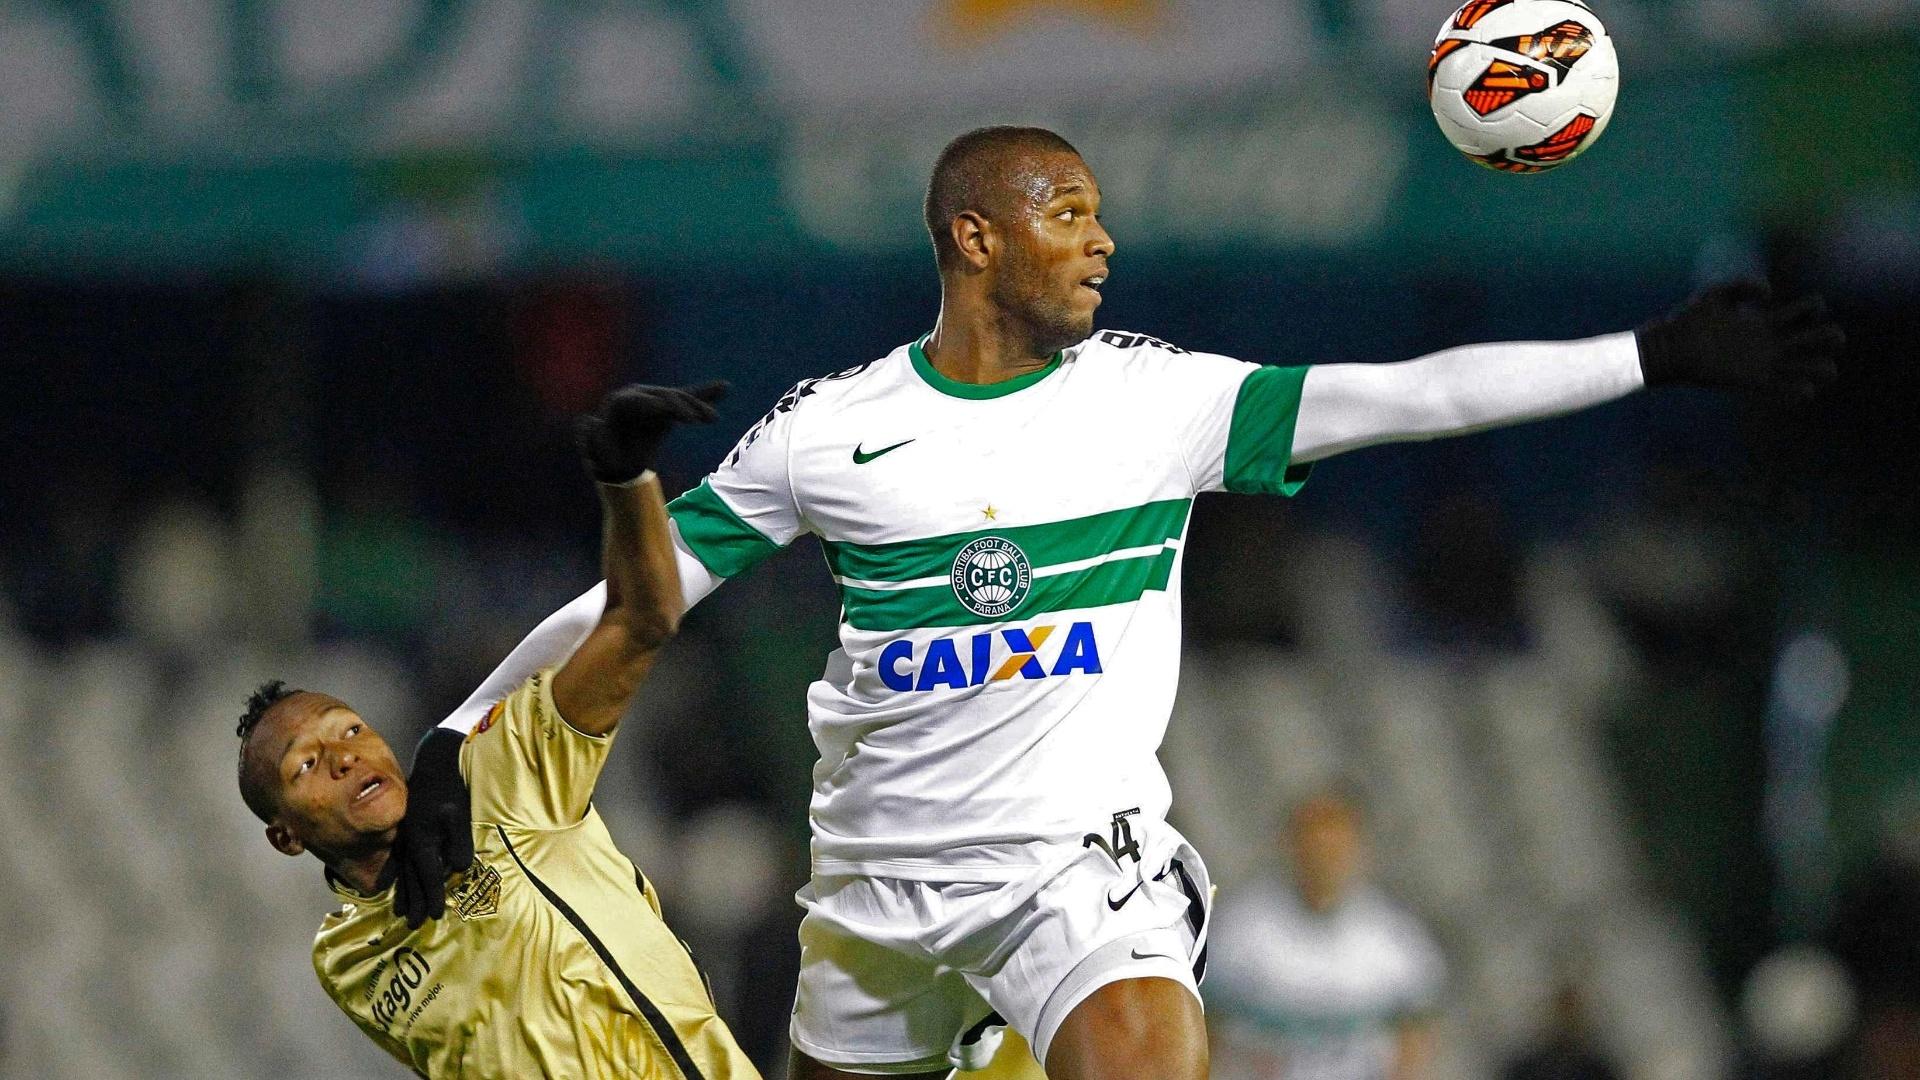 24.set.2013 - Bonfim ganha disputa pela bola no alto com Quiñones, do Itaguí